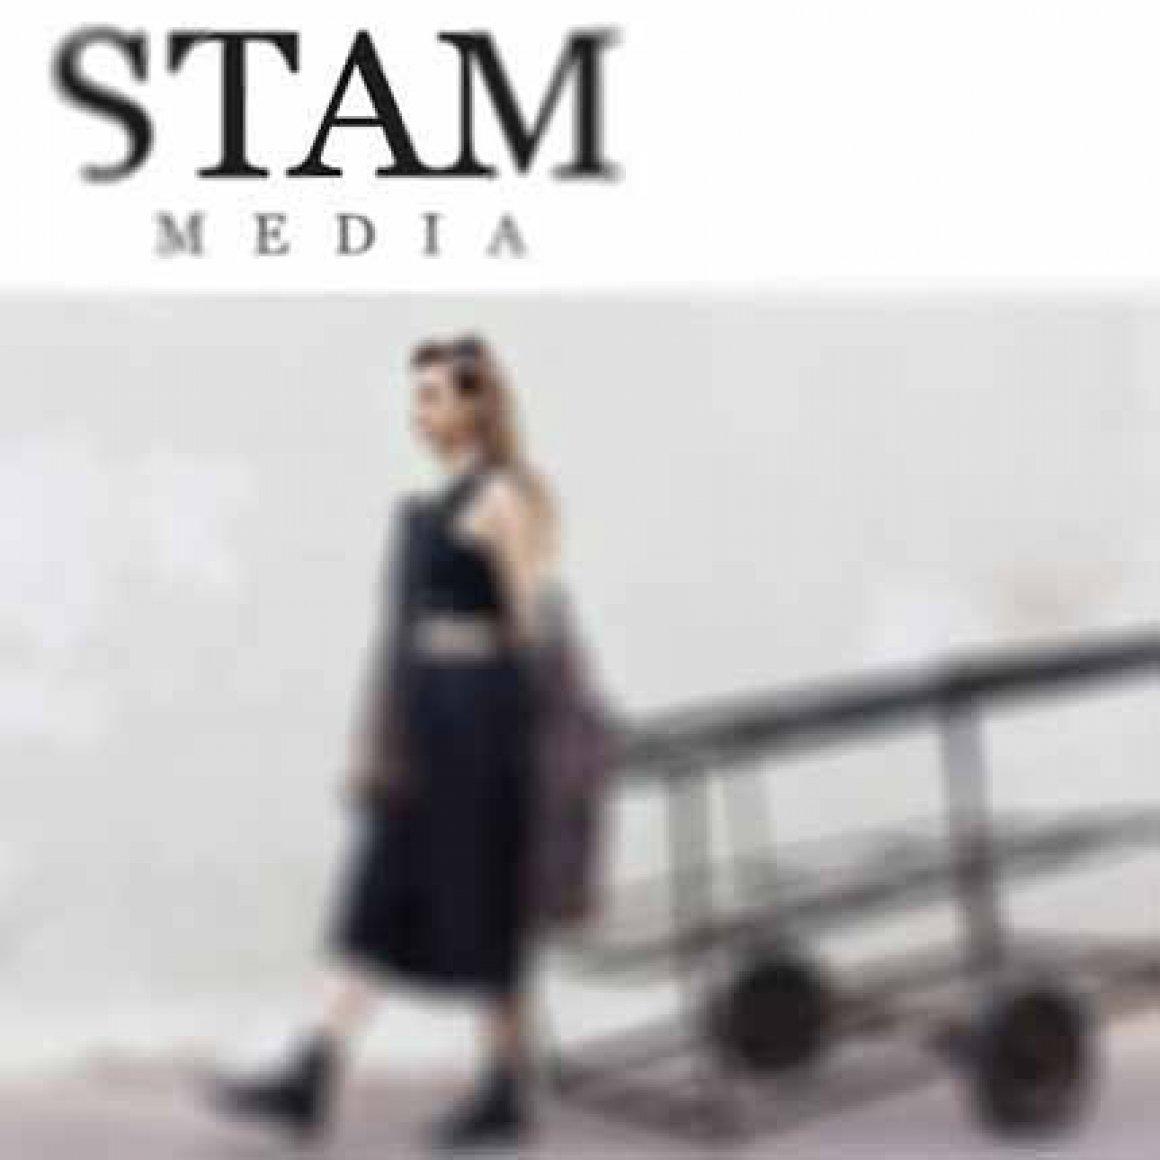 Stam Media